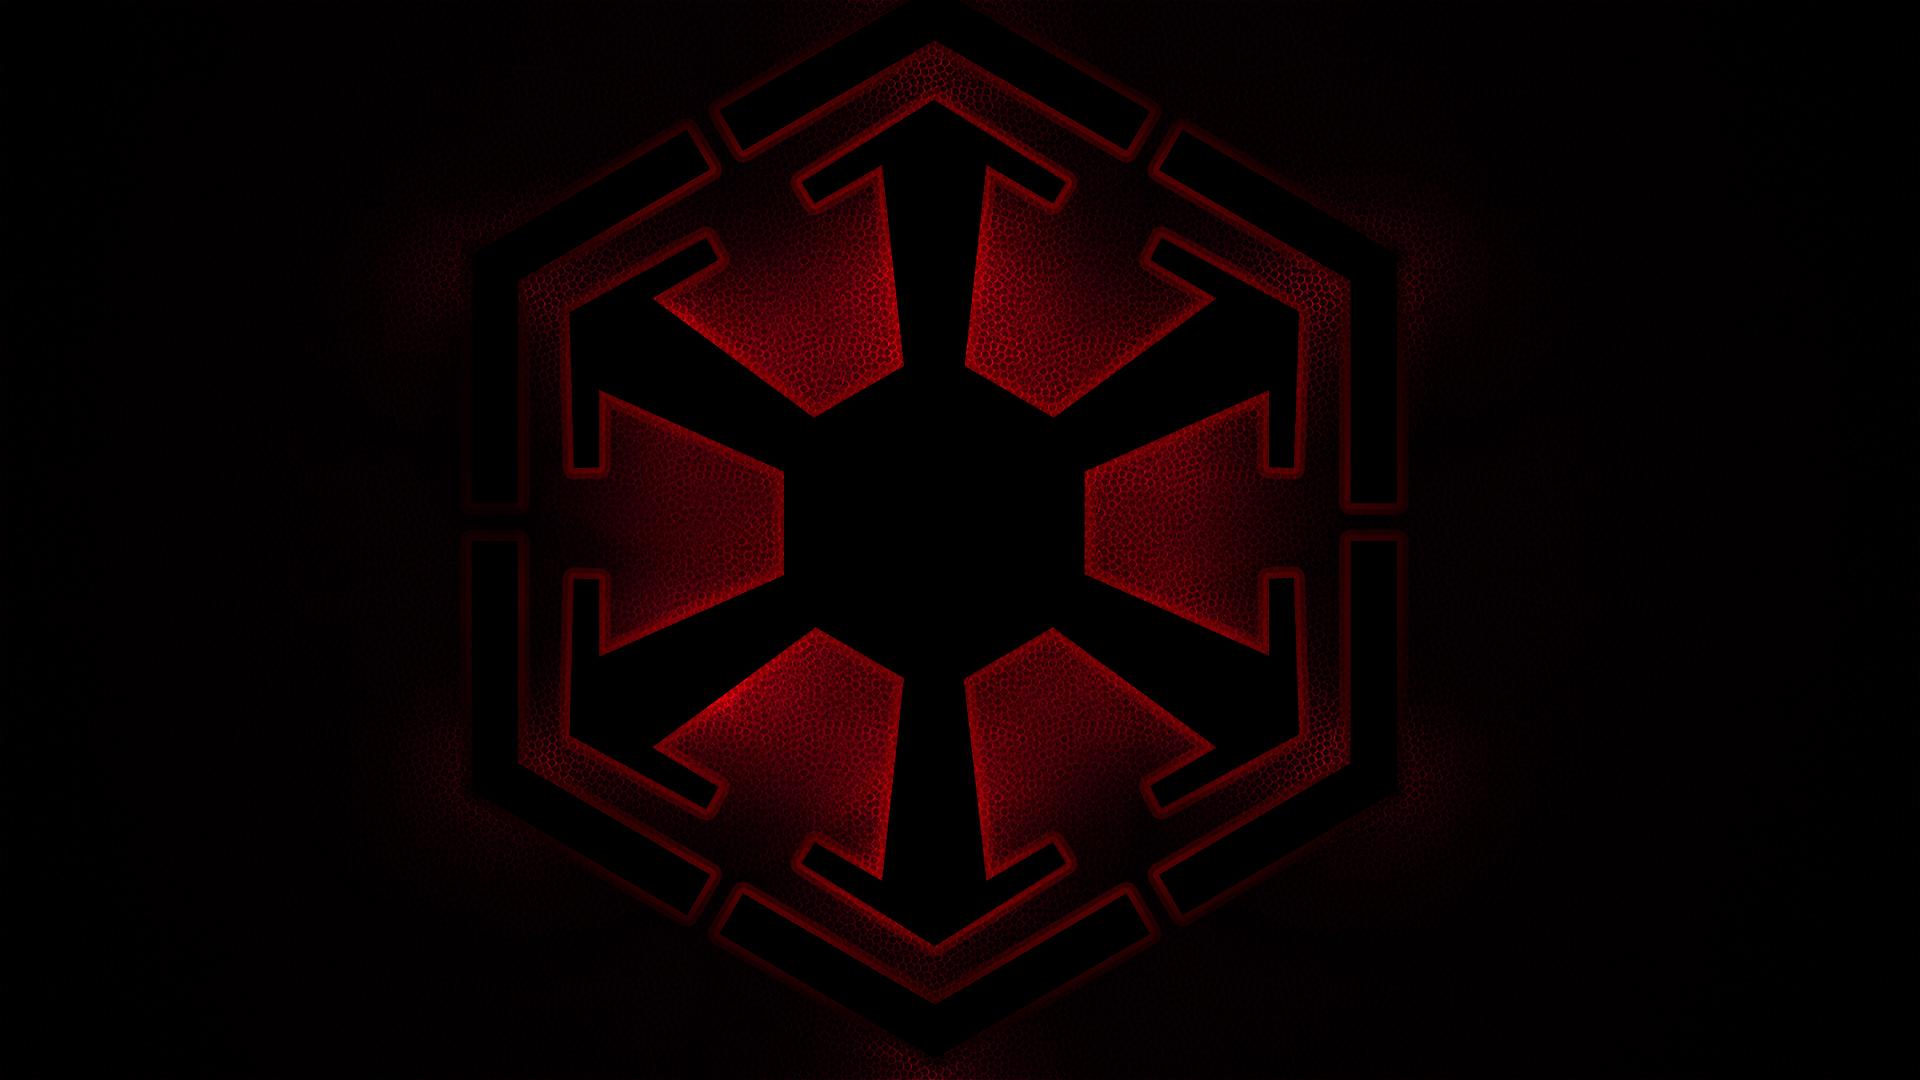 Star Wars Sith Wallpaper 1920x1080 By Blacklotusxx On Deviantart